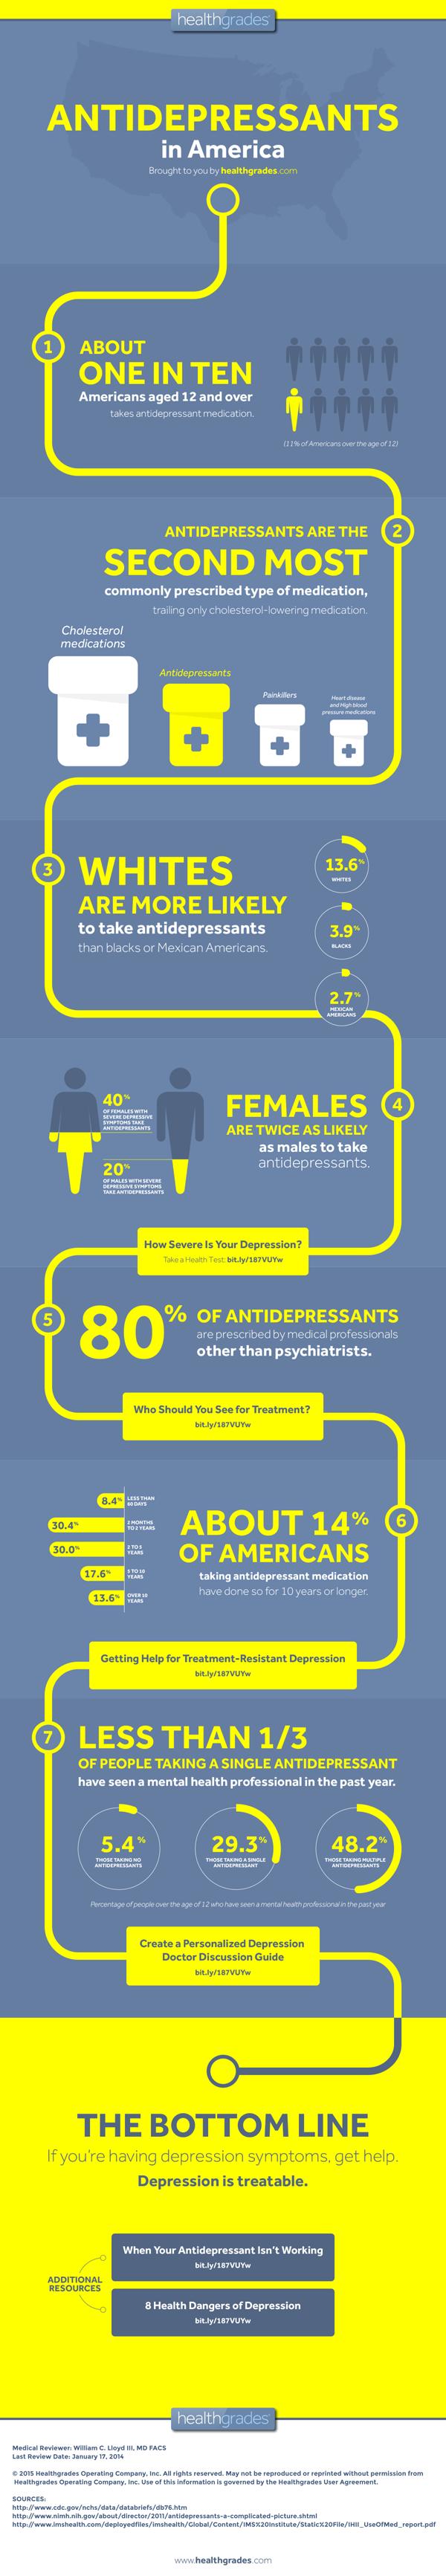 Antidepressants in America